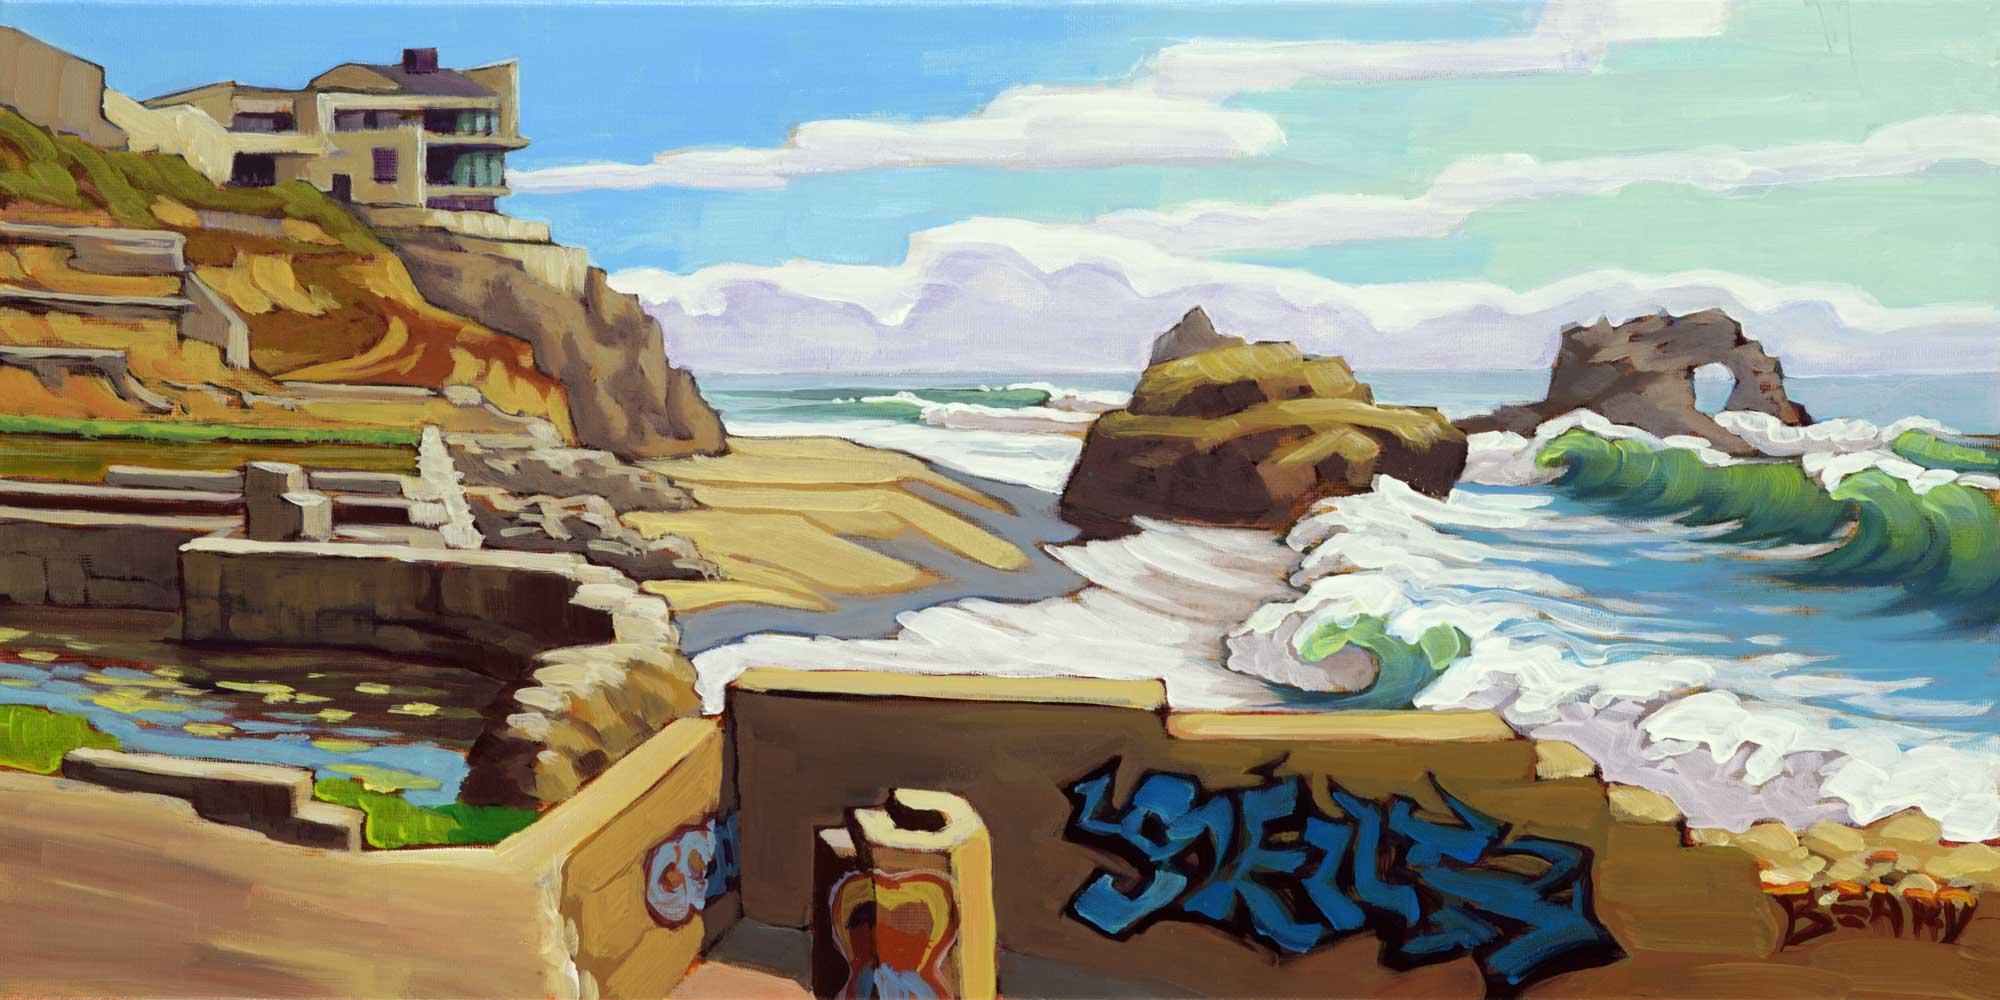 Plein air artwork of graffiti at the Sutro Baths cave at Ocean Beach on the San Francisco coast of California